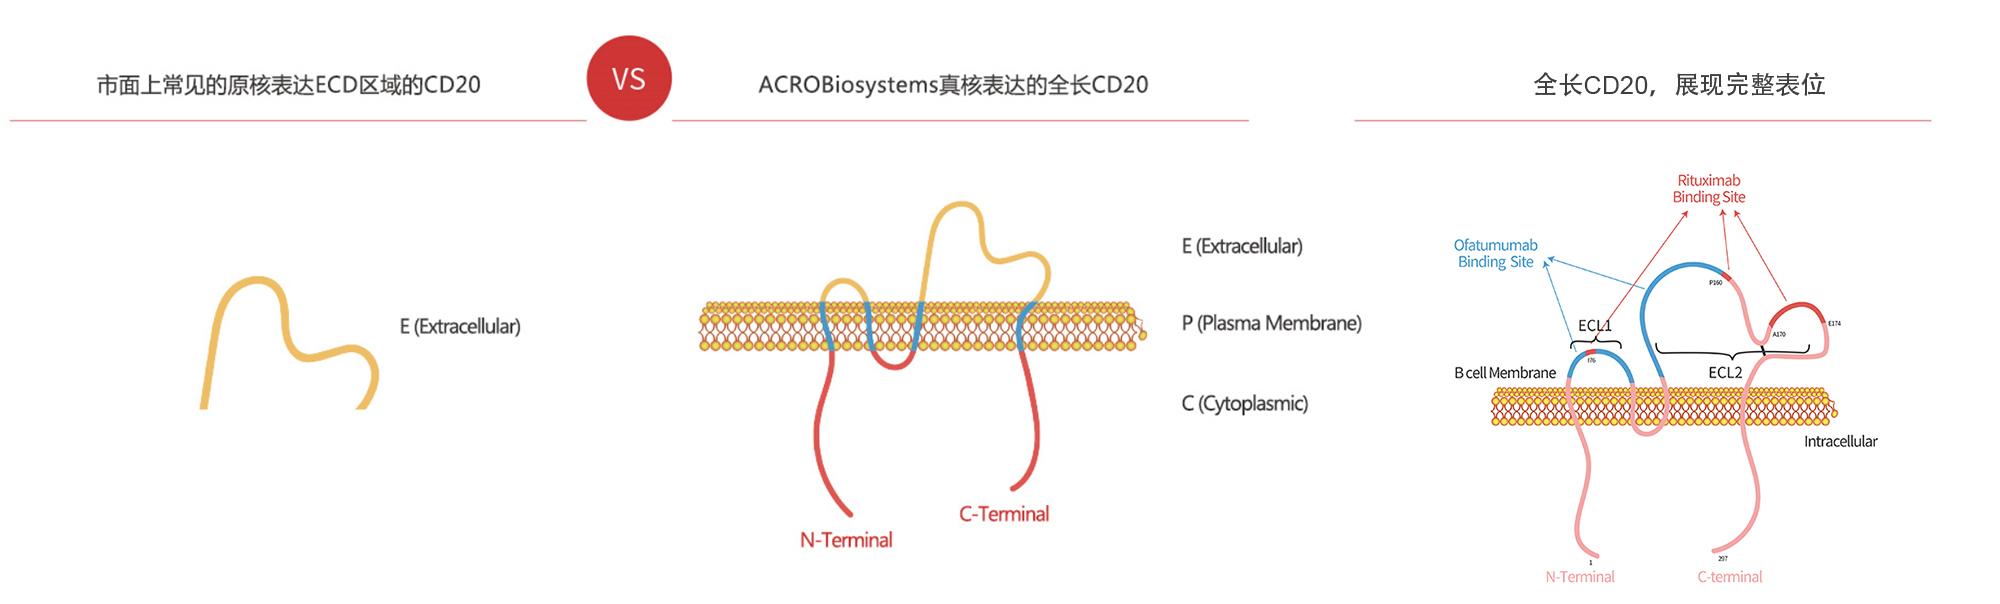 多次跨膜蛋白就是要全长